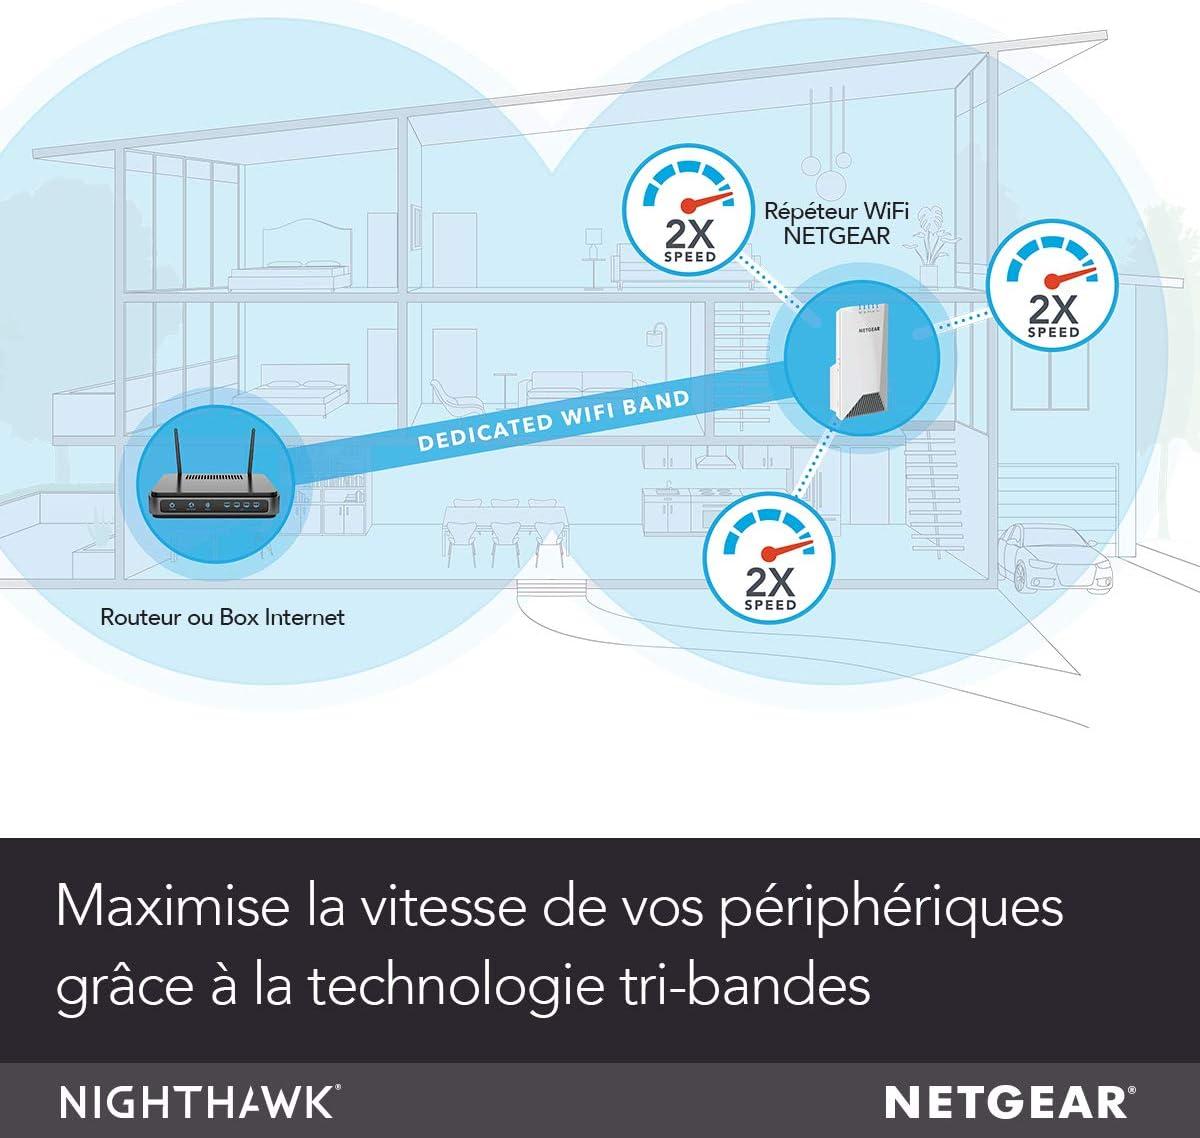 - Couvre jusqu/à 100 m/² et supporte 20 appareils gr/âce /à un amplificateur de signal Wifi Dual Band AX1800 et /à litin/érance intelligente R/ép/éteur Mesh WiFi 6 NETGEAR EAX20 jusqu/à 1,8 Gbit//s